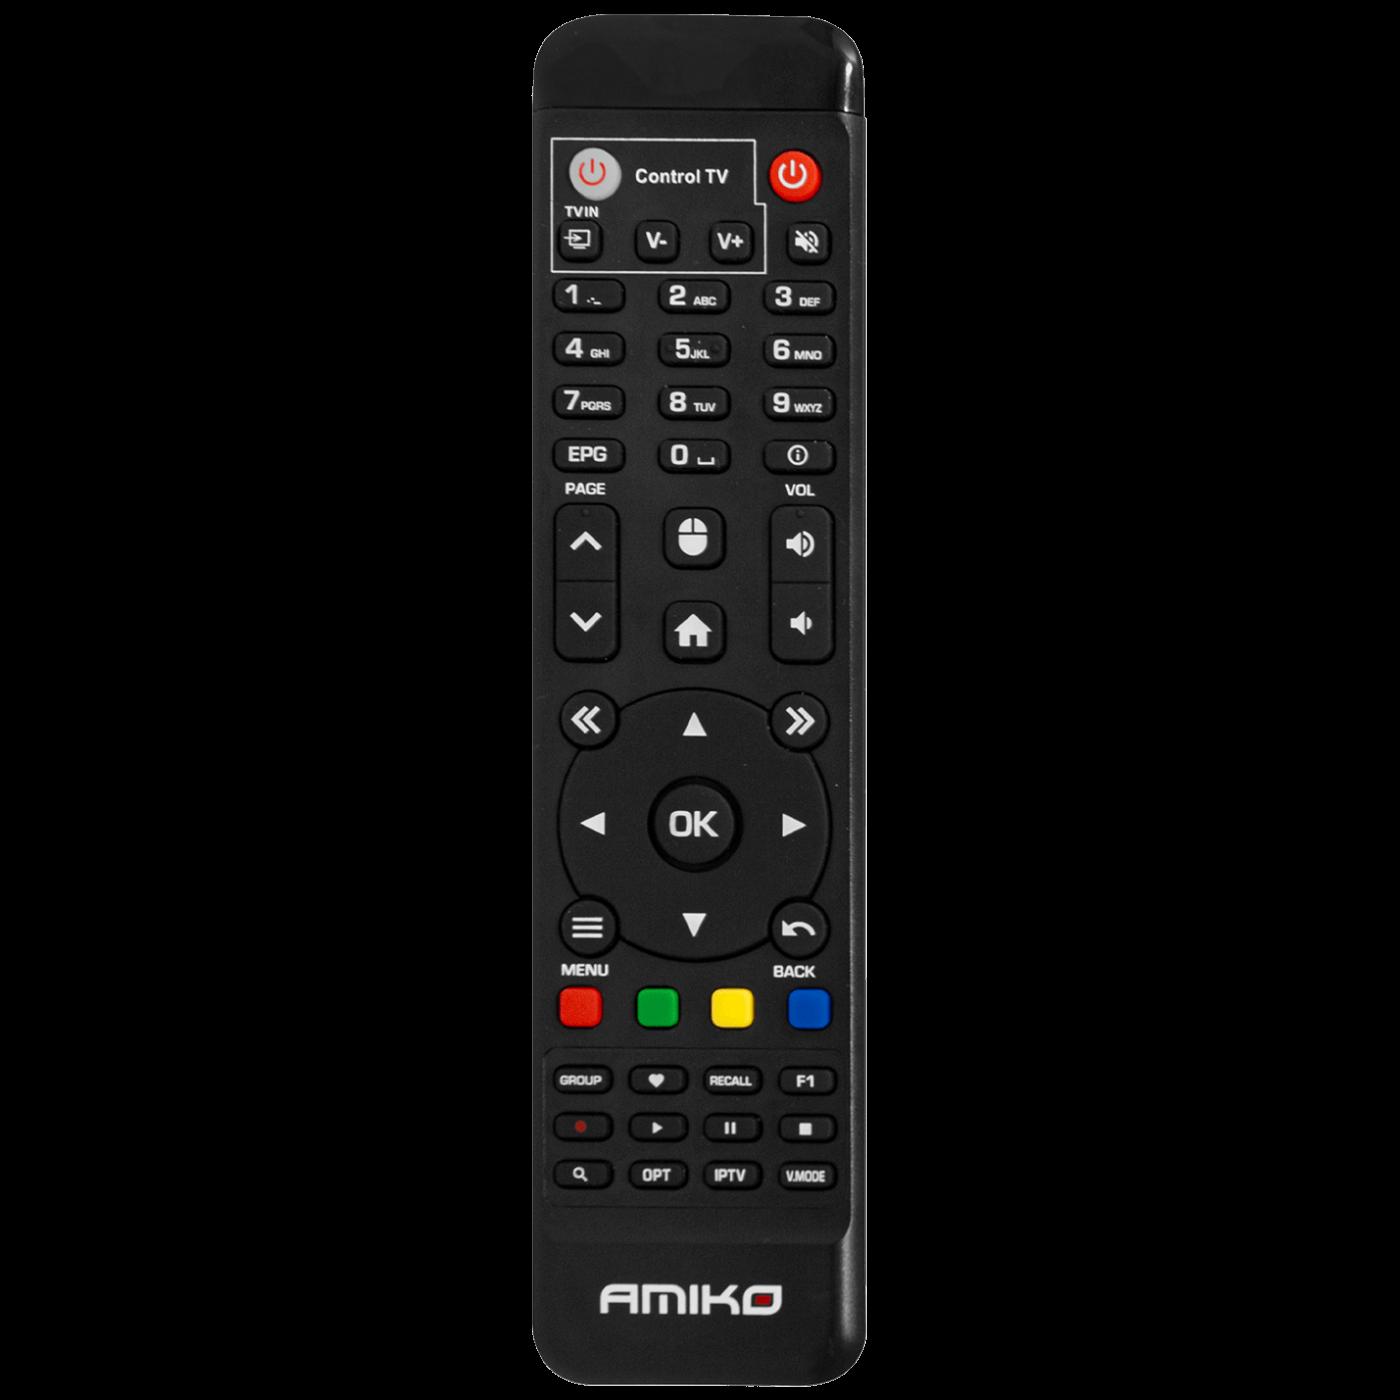 Prijemnik IPTV, Android, Netflix, 1 GB/8 GB, 4K, WiFi